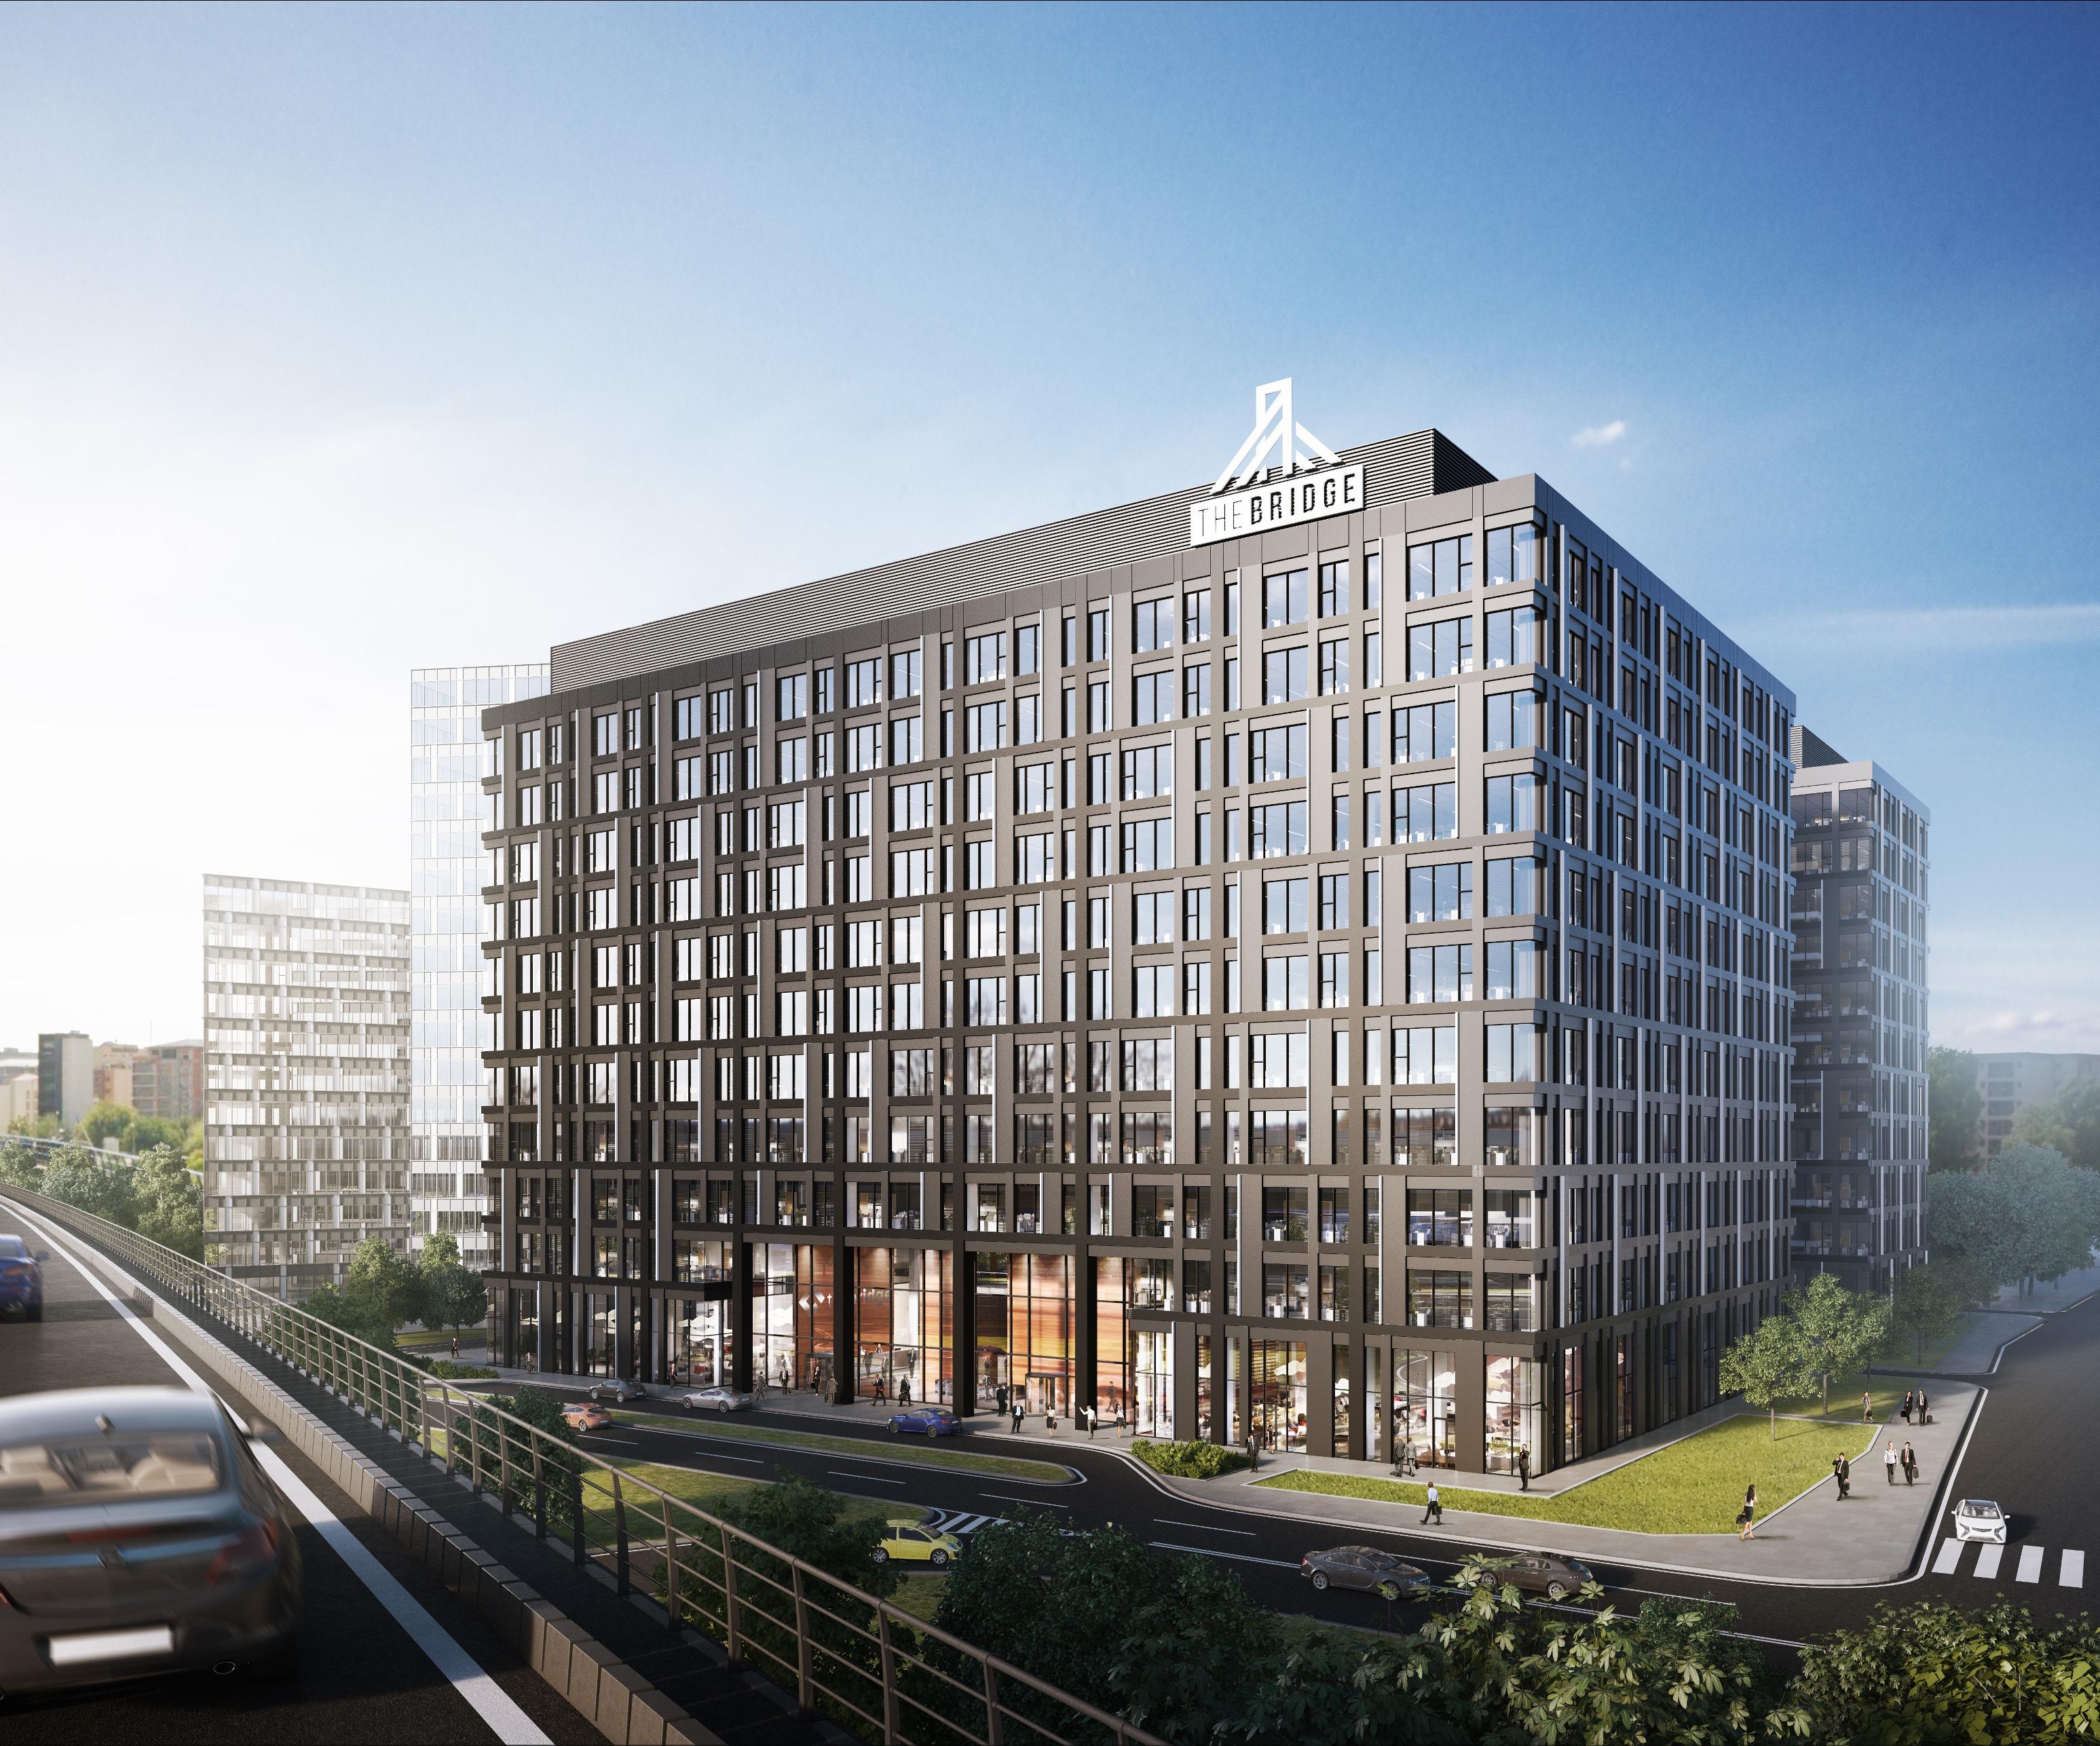 BCR îşi va muta o parte din sediul central în clădirea The Bridge